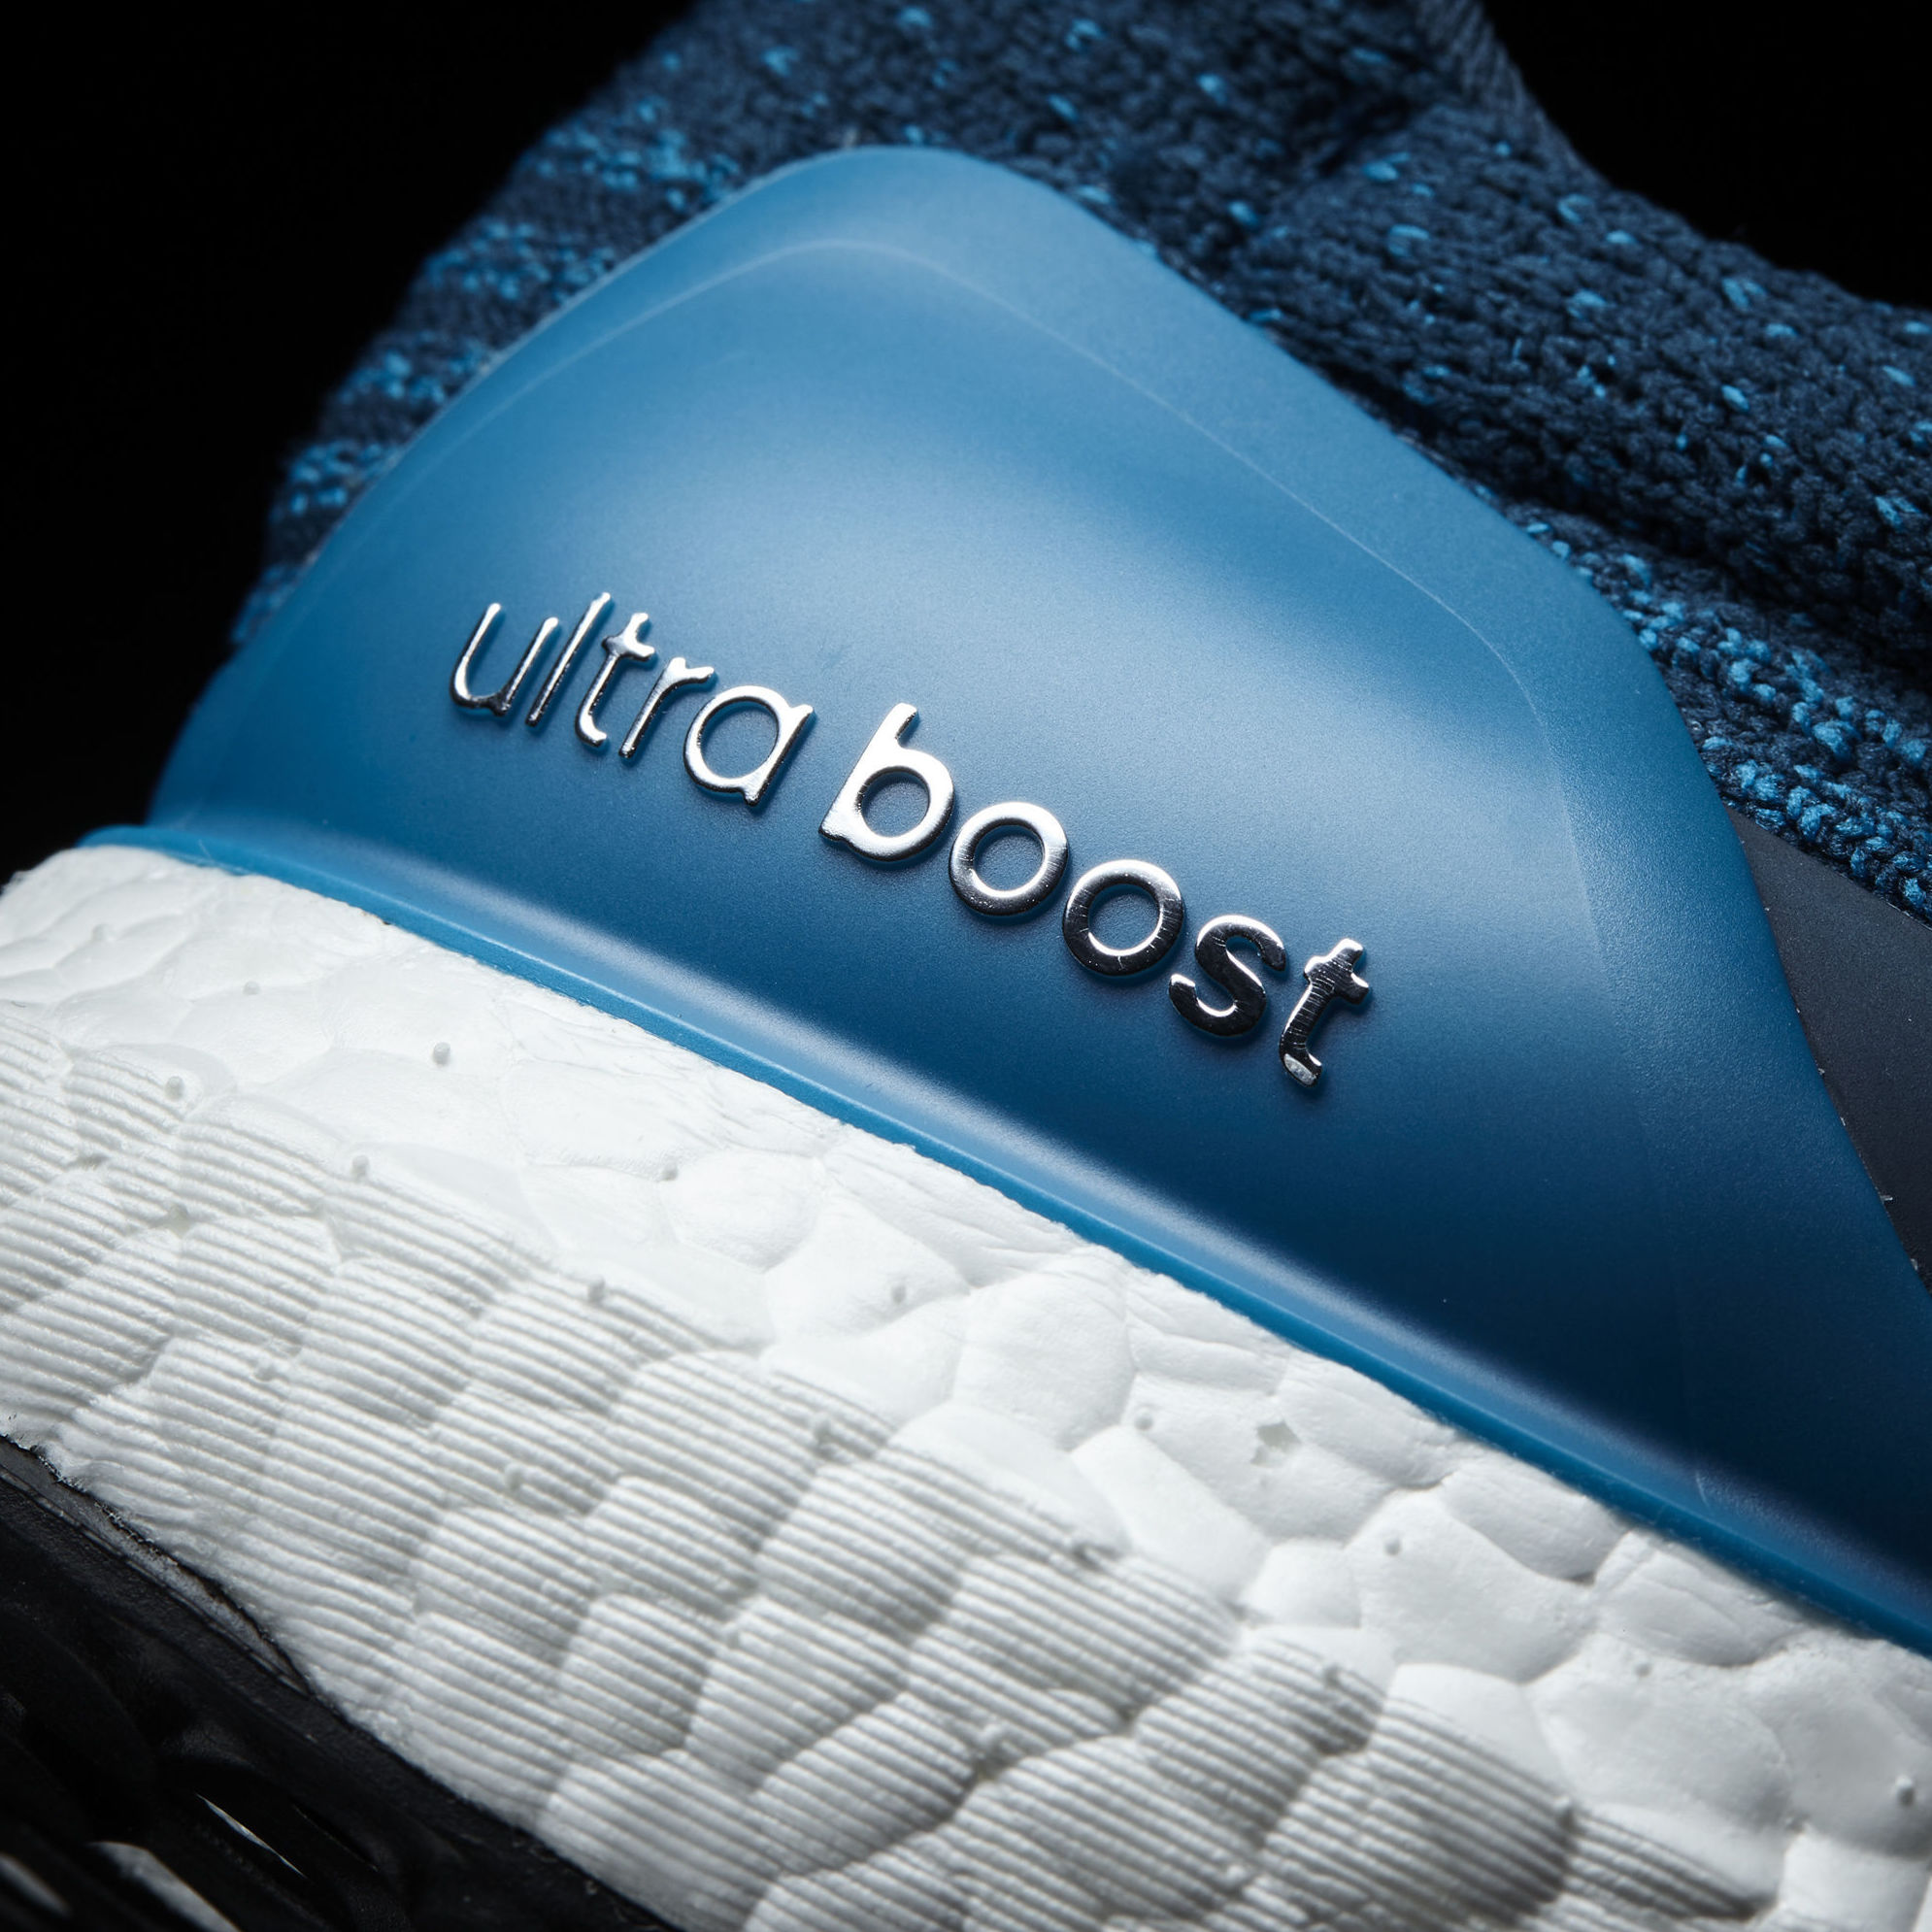 S82021 UltraBOOST